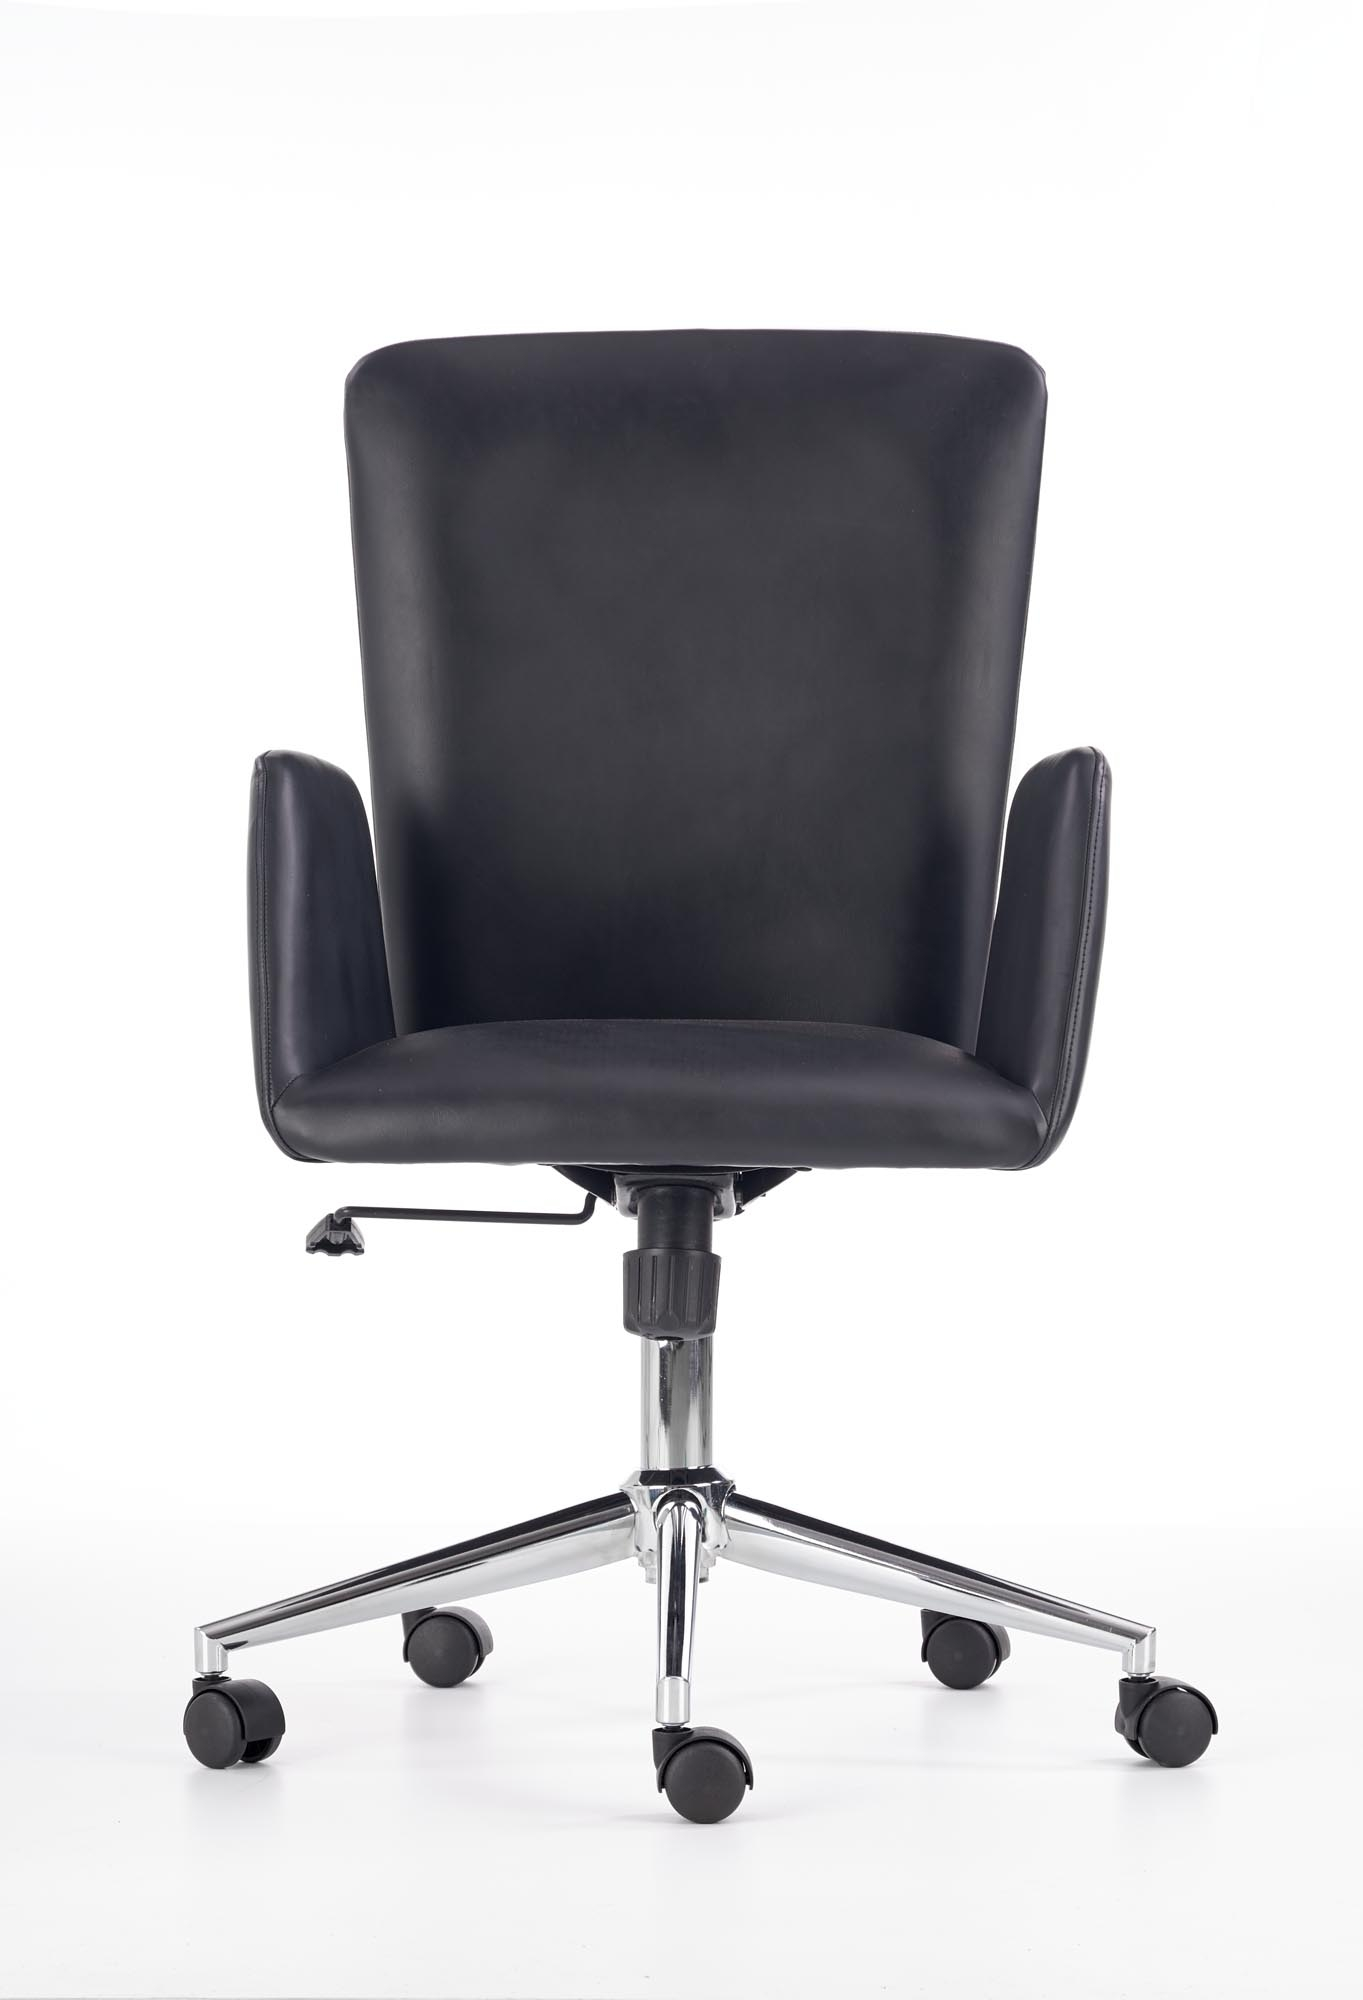 Scaun de birou ergonomic tapitat cu piele ecologica Soul Black, l55xA56xH98-105 cm vivre.ro